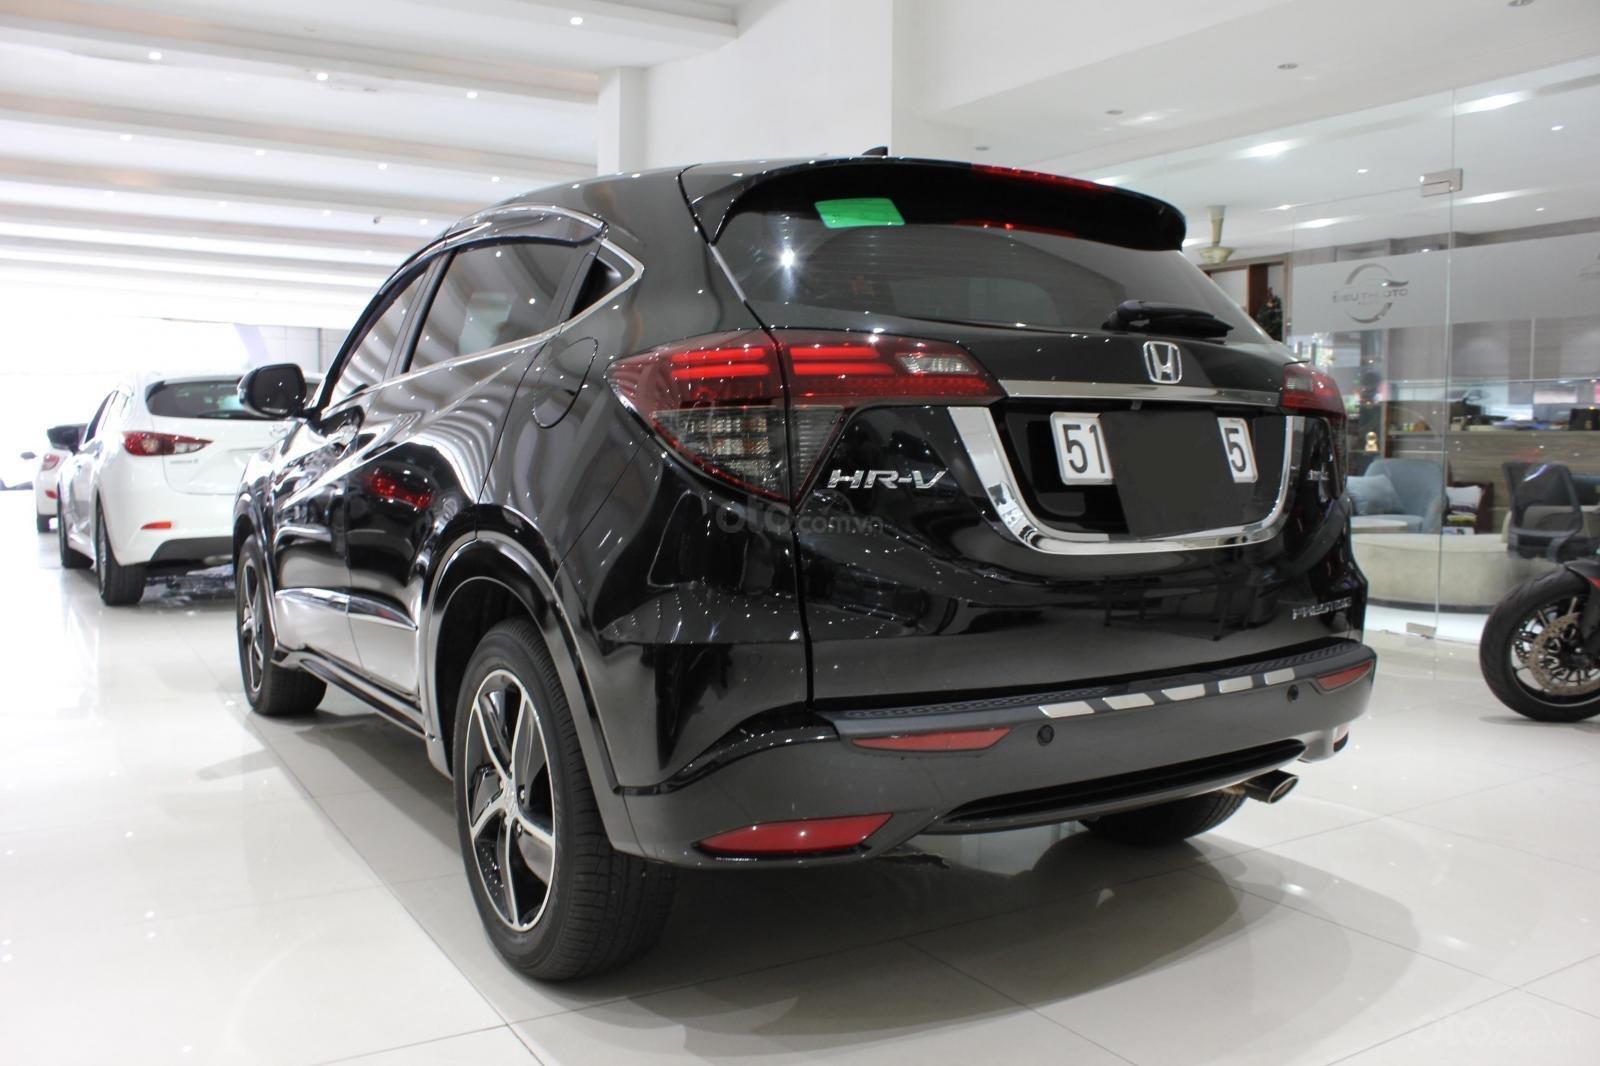 Cần bán xe Honda HR-V bản L 1.8AT SX 2018, màu đen, nhập Thái, siêu lướt 1300km, biển SG (6)